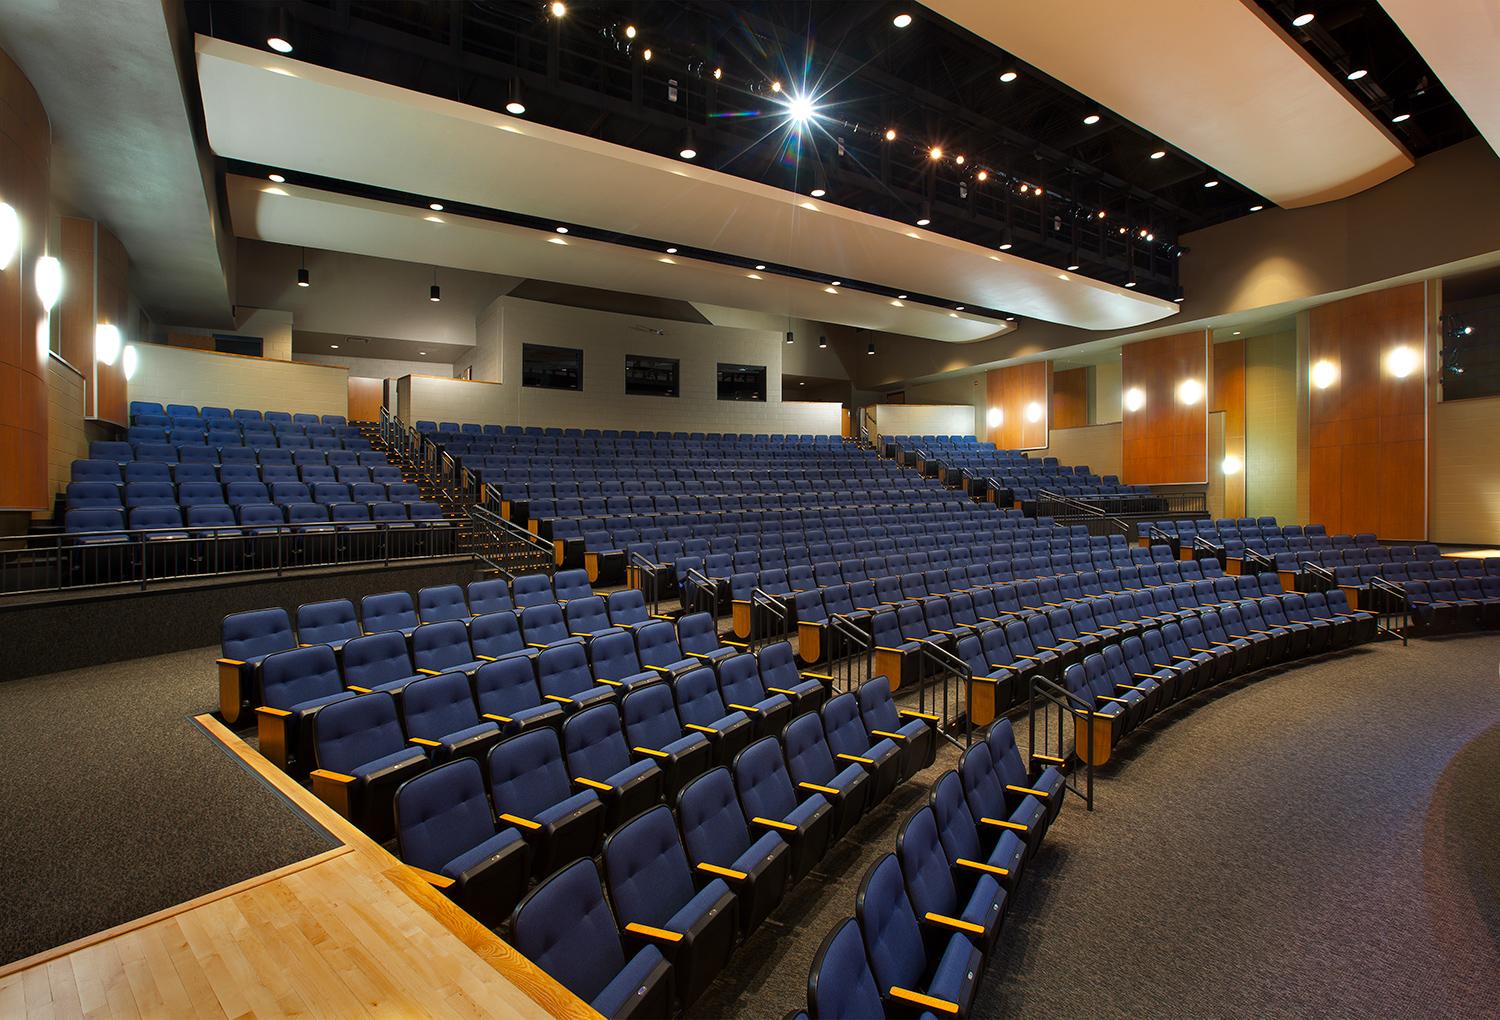 003_CCPAC_Auditorium_4031_copy